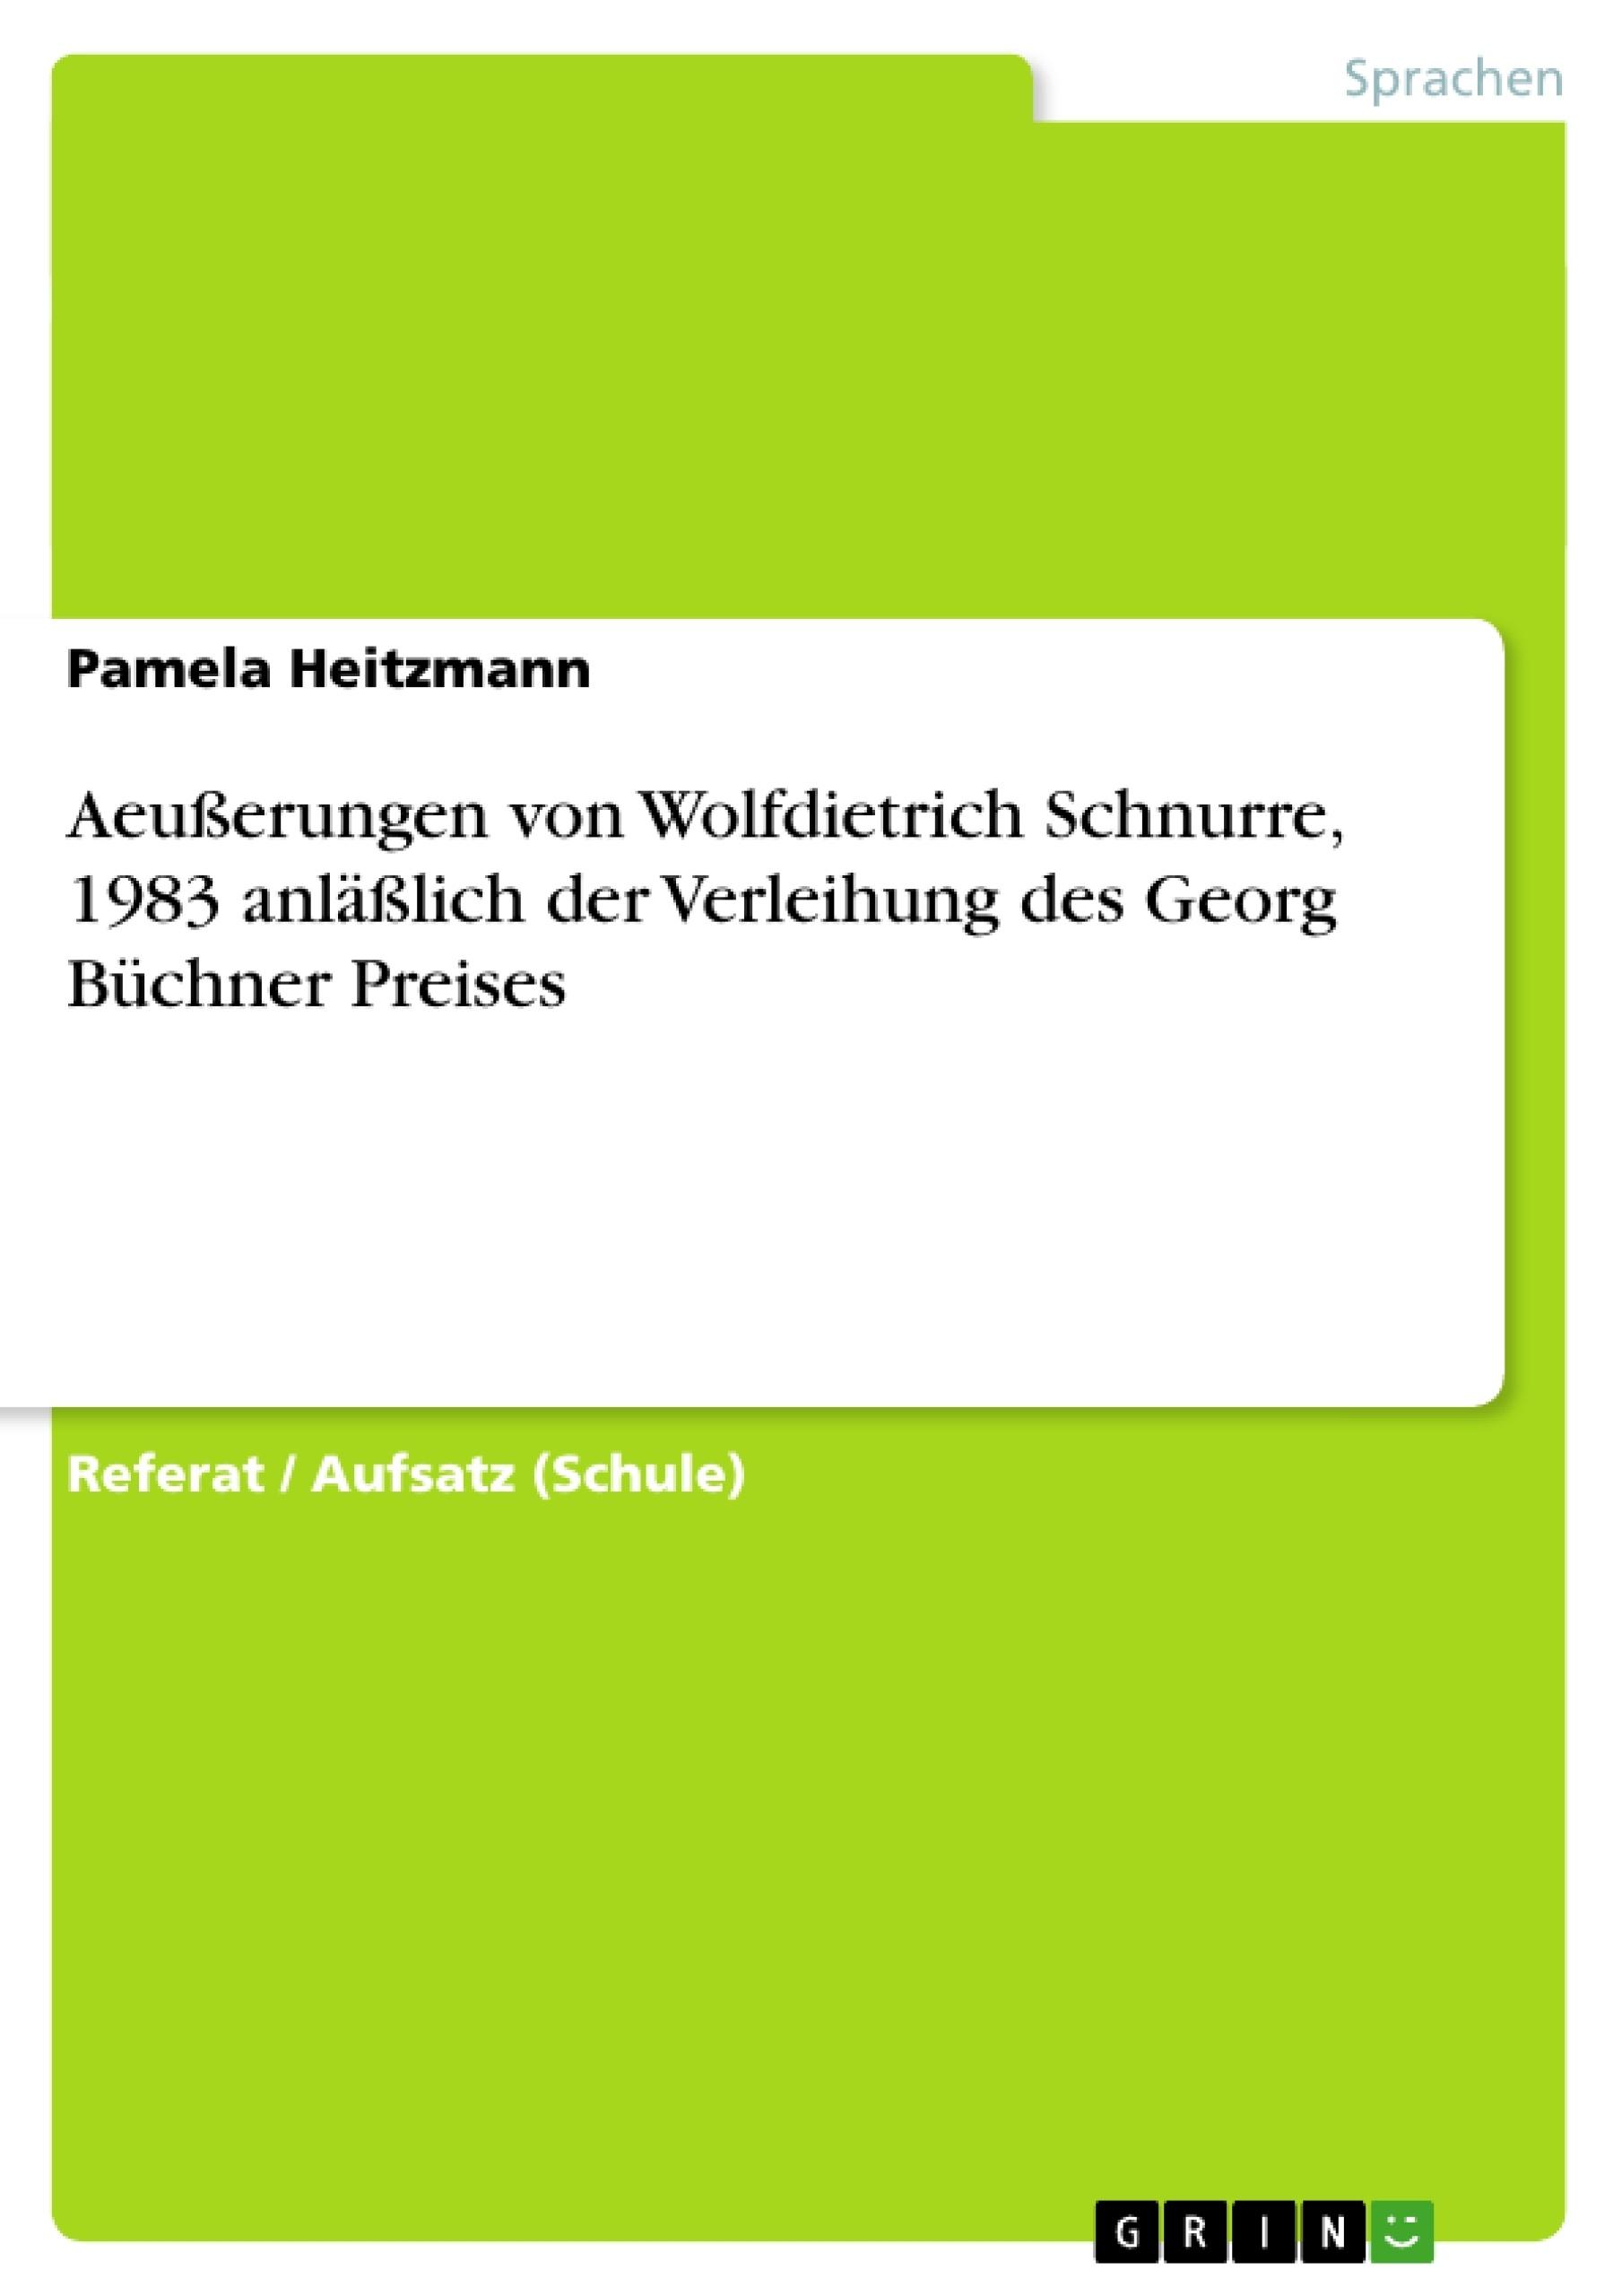 Titel: Aeußerungen von Wolfdietrich Schnurre, 1983 anläßlich der Verleihung des Georg Büchner Preises